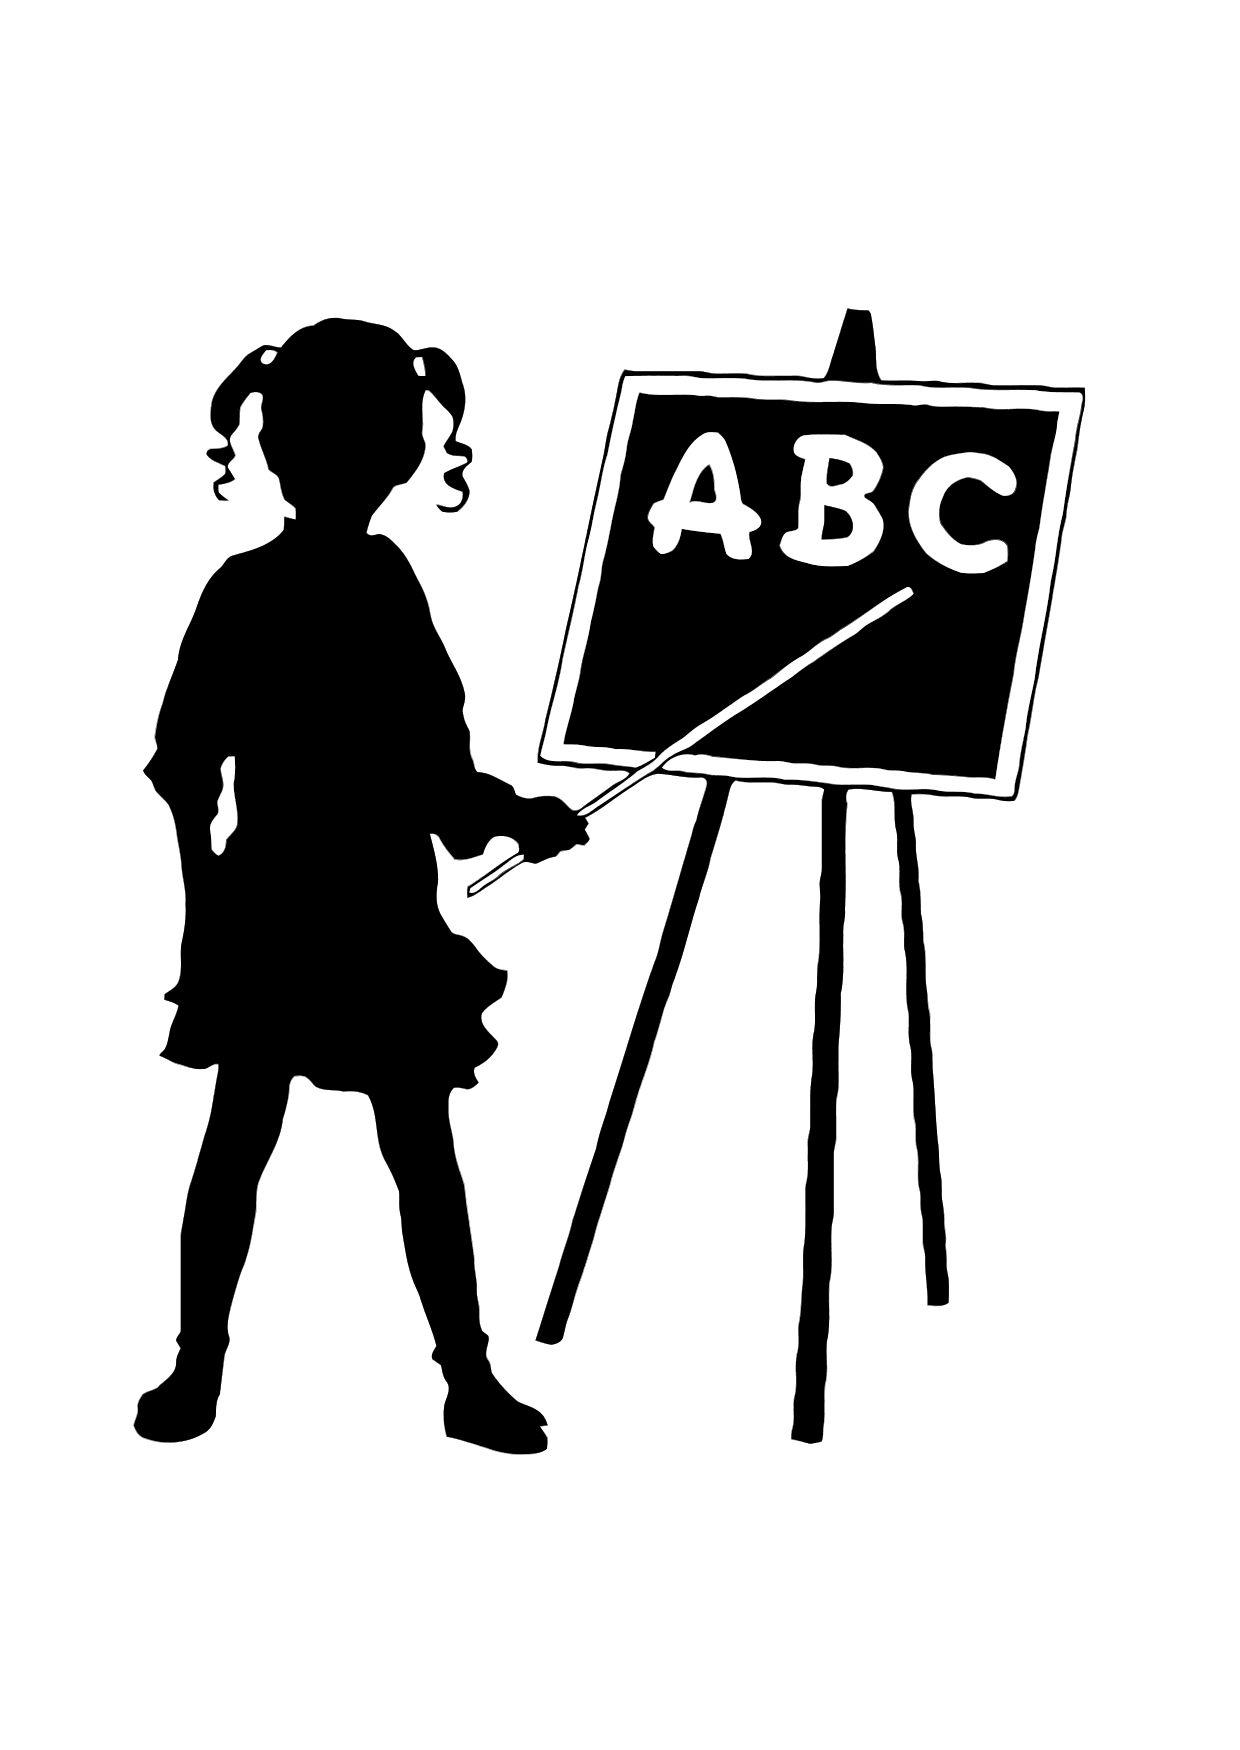 Malvorlage ABC | Ausmalbild 11874.